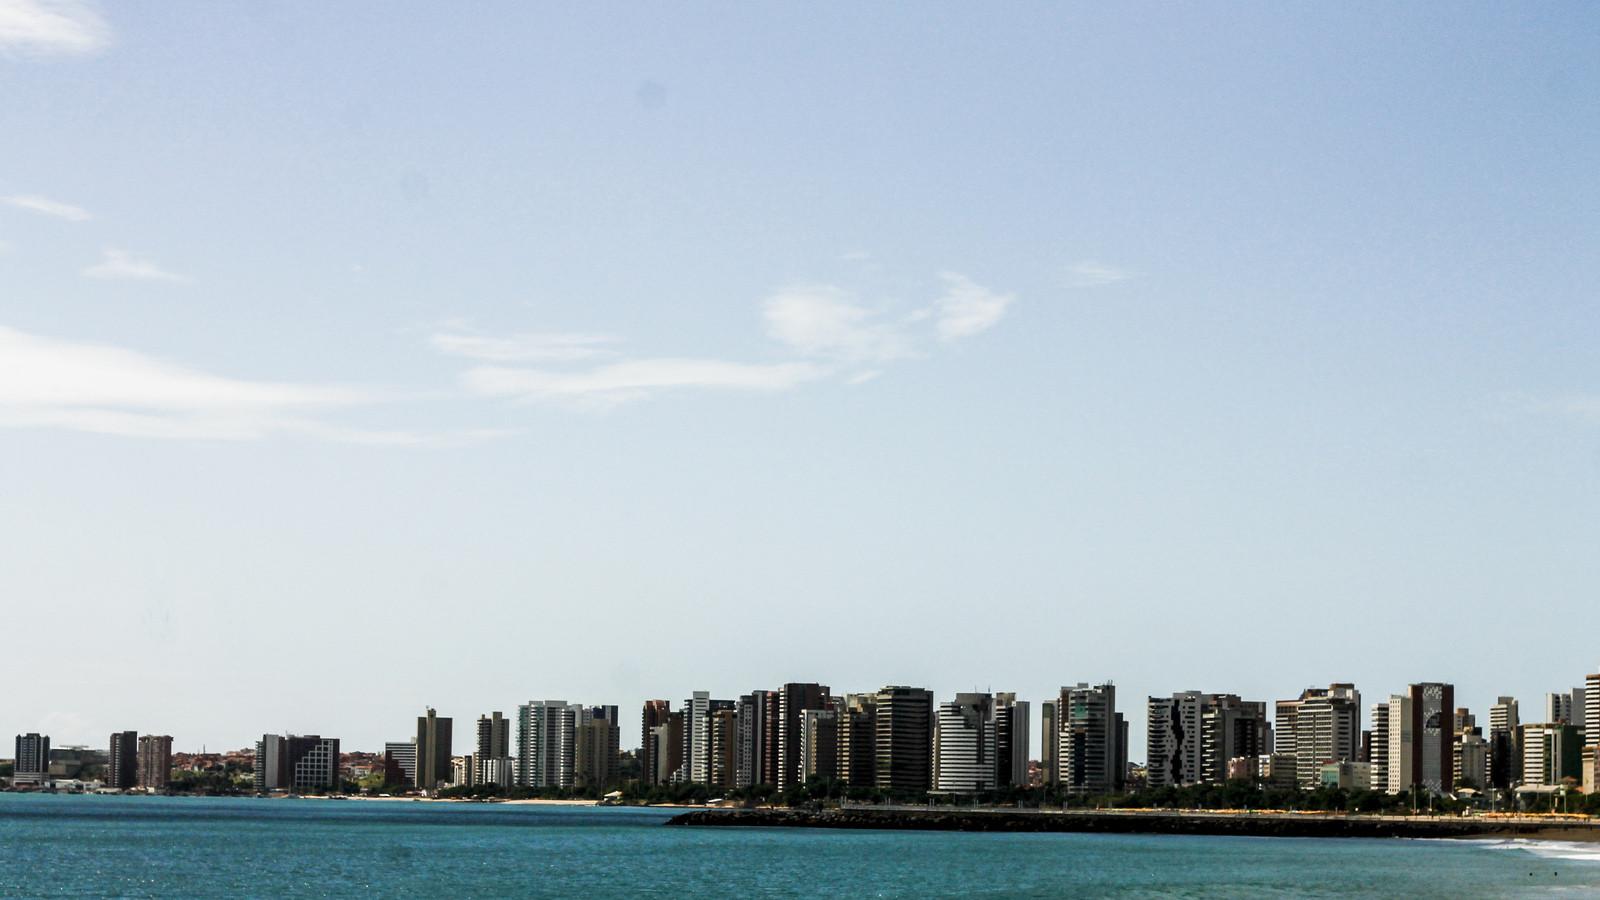 © Usuario de Flickr:Diego Viana Gomes